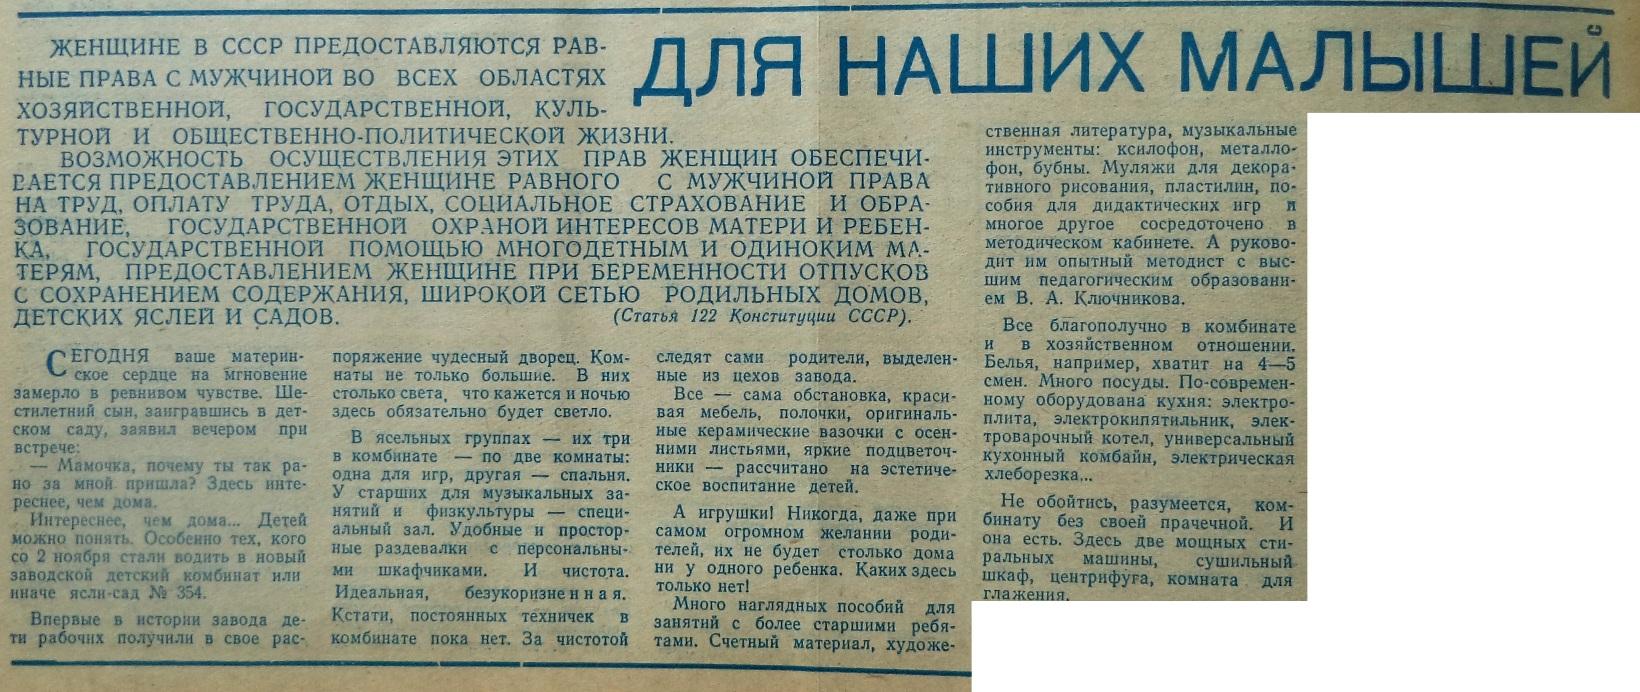 Ново-Садовая-ФОТО-66-Знамя Труда-1970-4 декабря-1